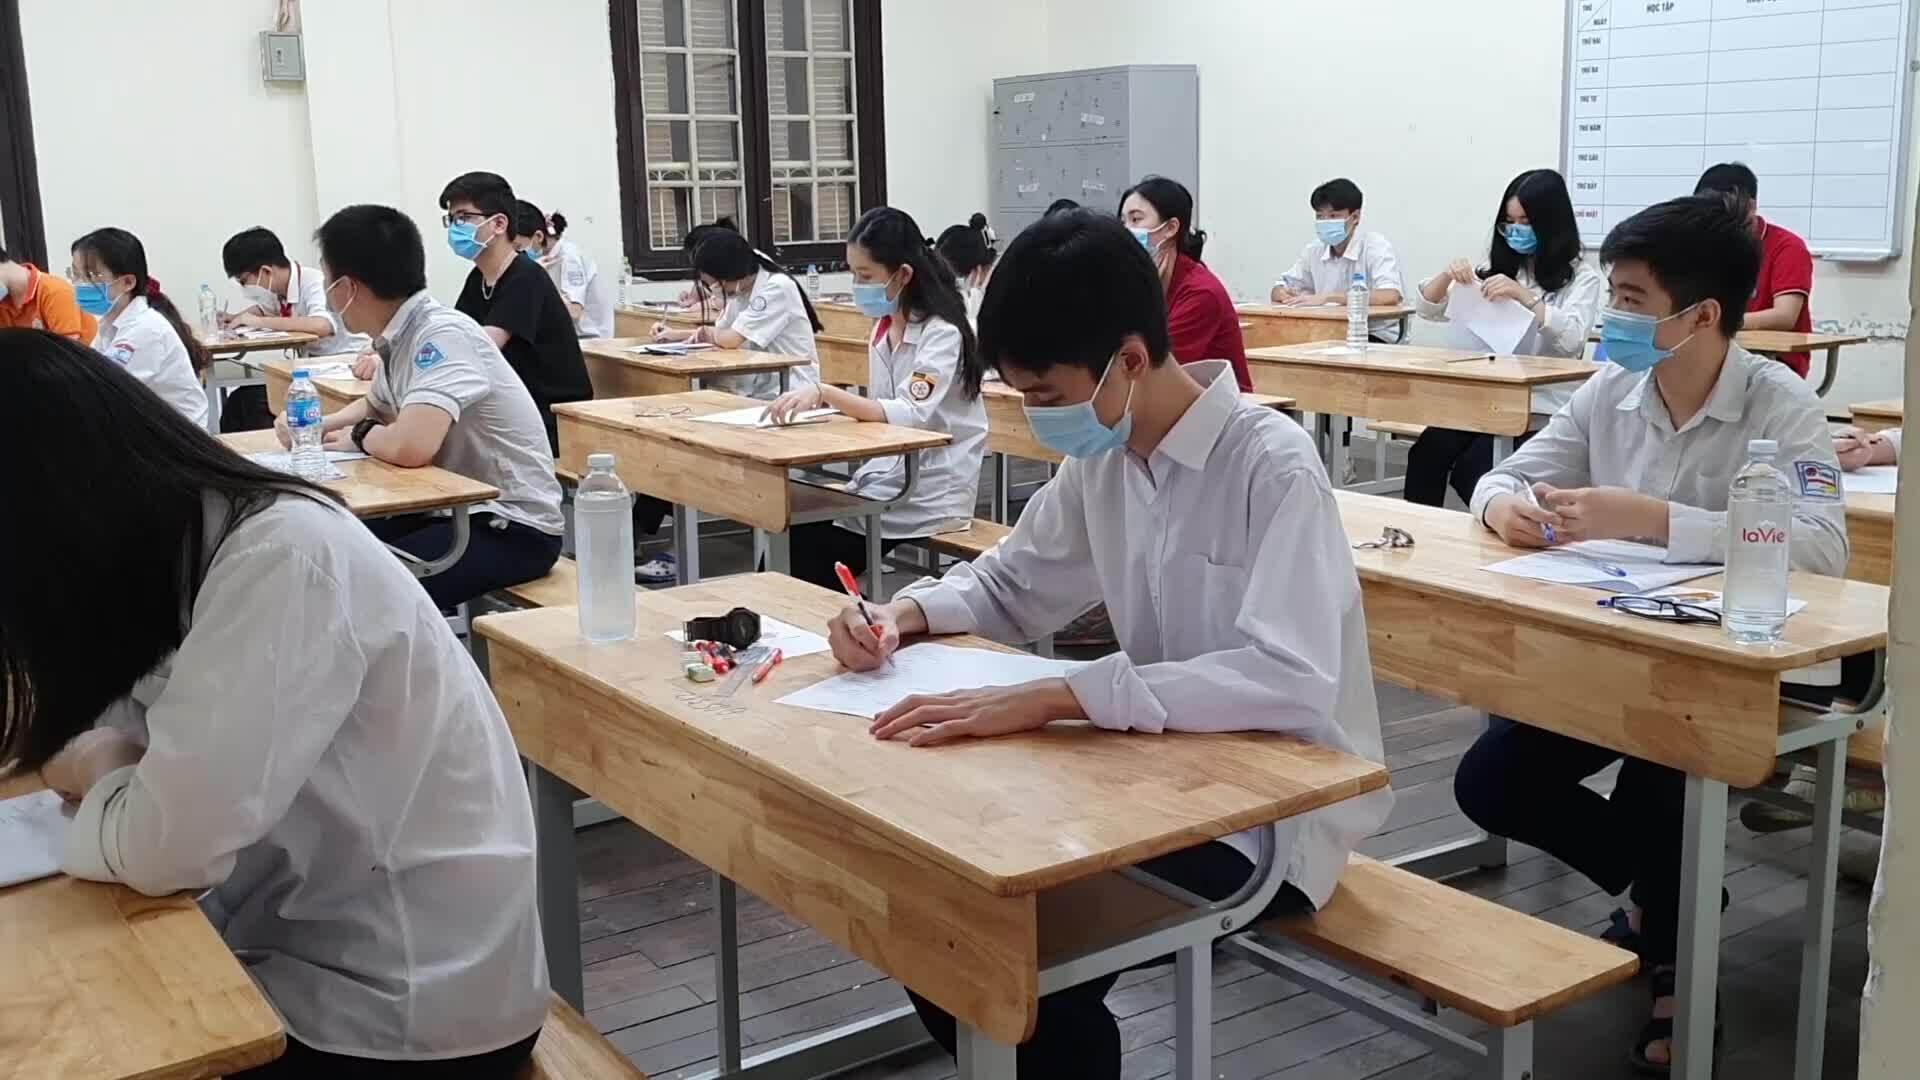 Thí sinh thi vào lớp 10 ở điểm thi Phan Đình Phùng